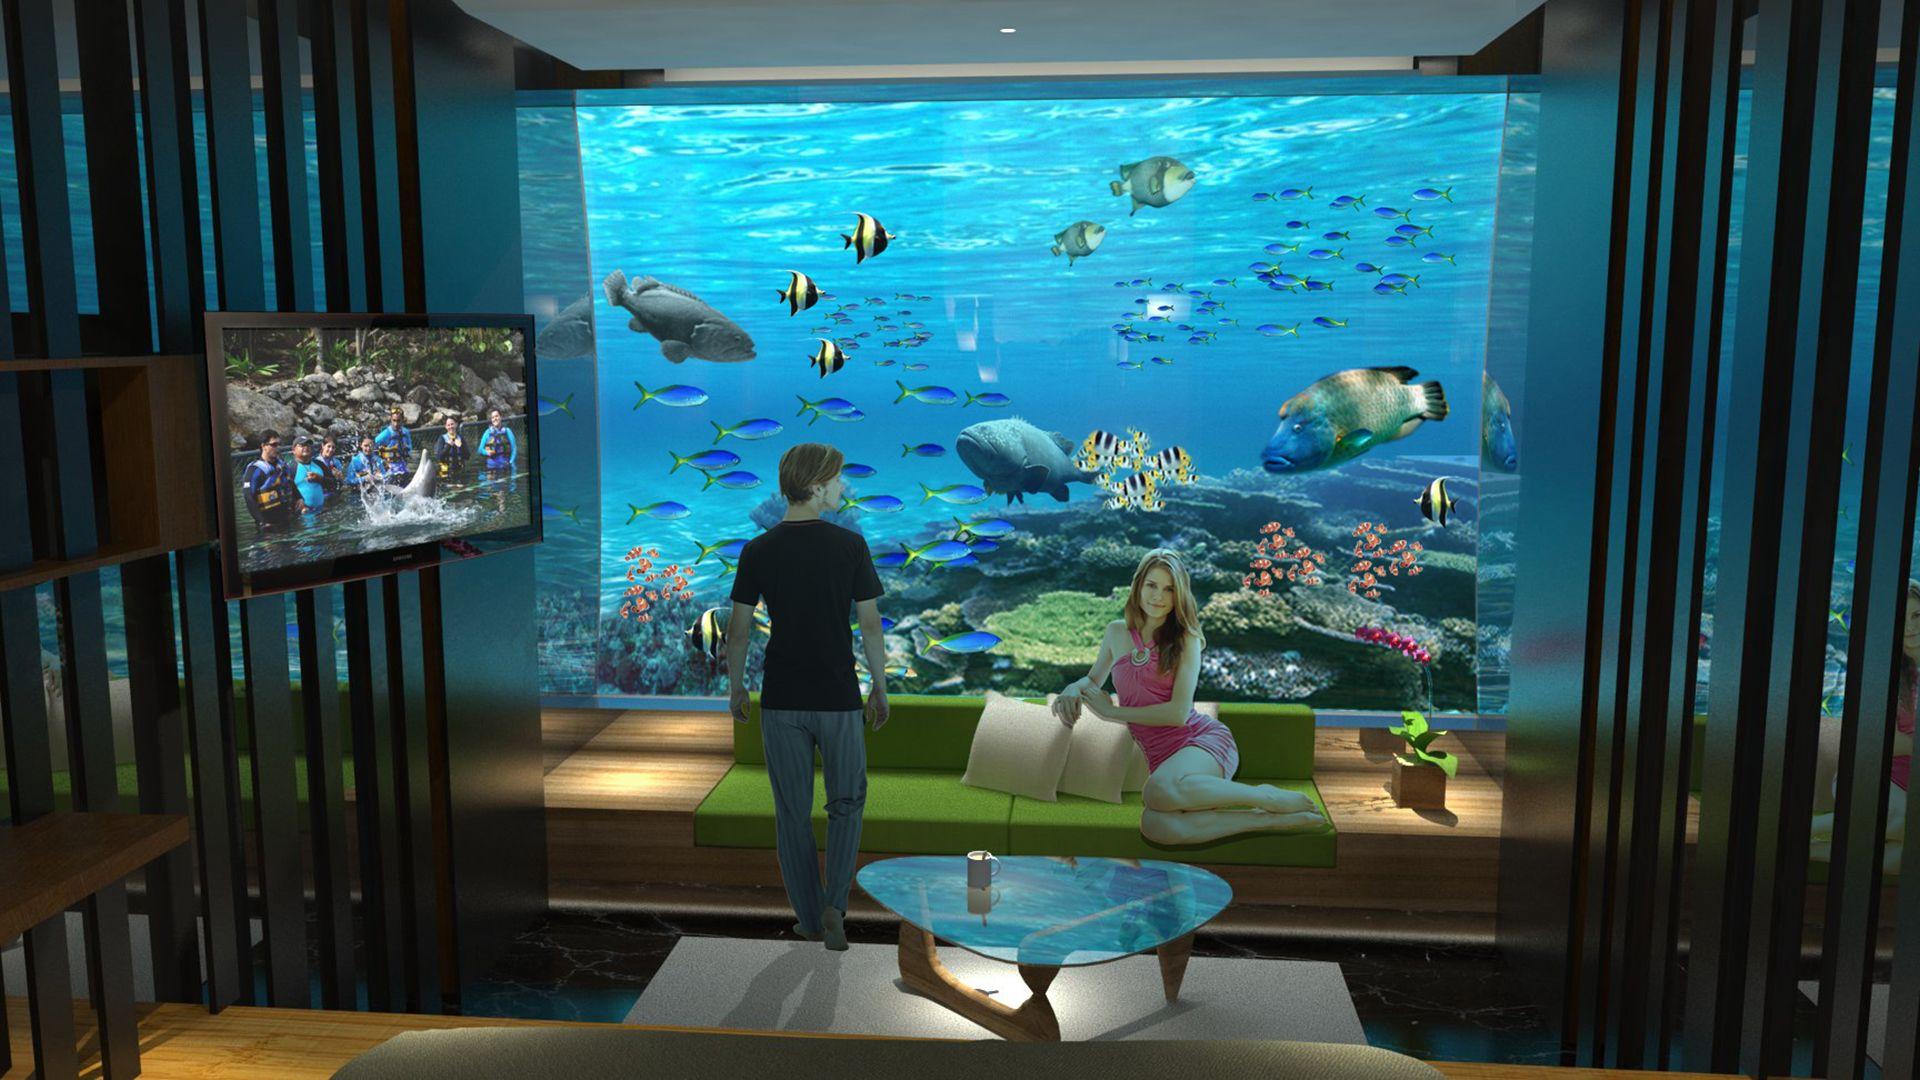 Underwater Bedroom - Google Real Estate Floating